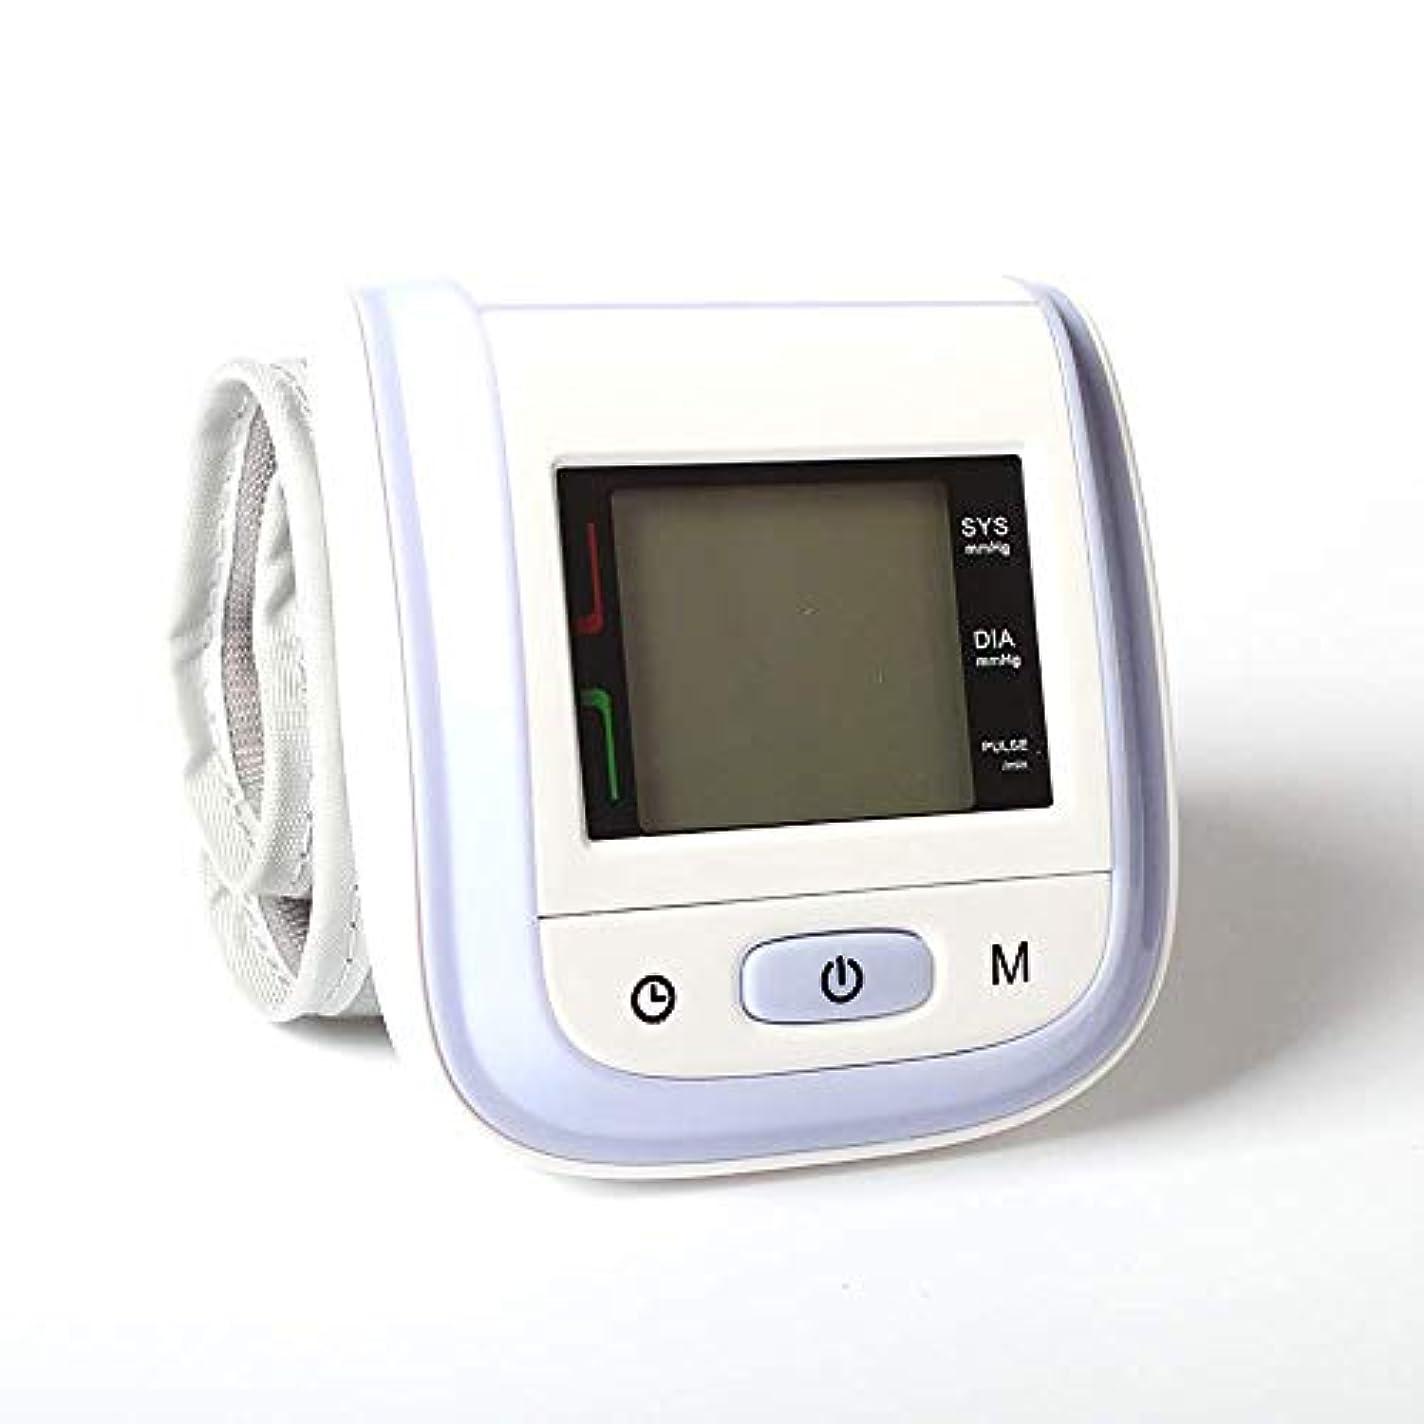 シンボル収益アトミック手首血圧計ポータブル自動デジタル上腕血圧計と2ユーザーモードFDAが家庭での使用を承認